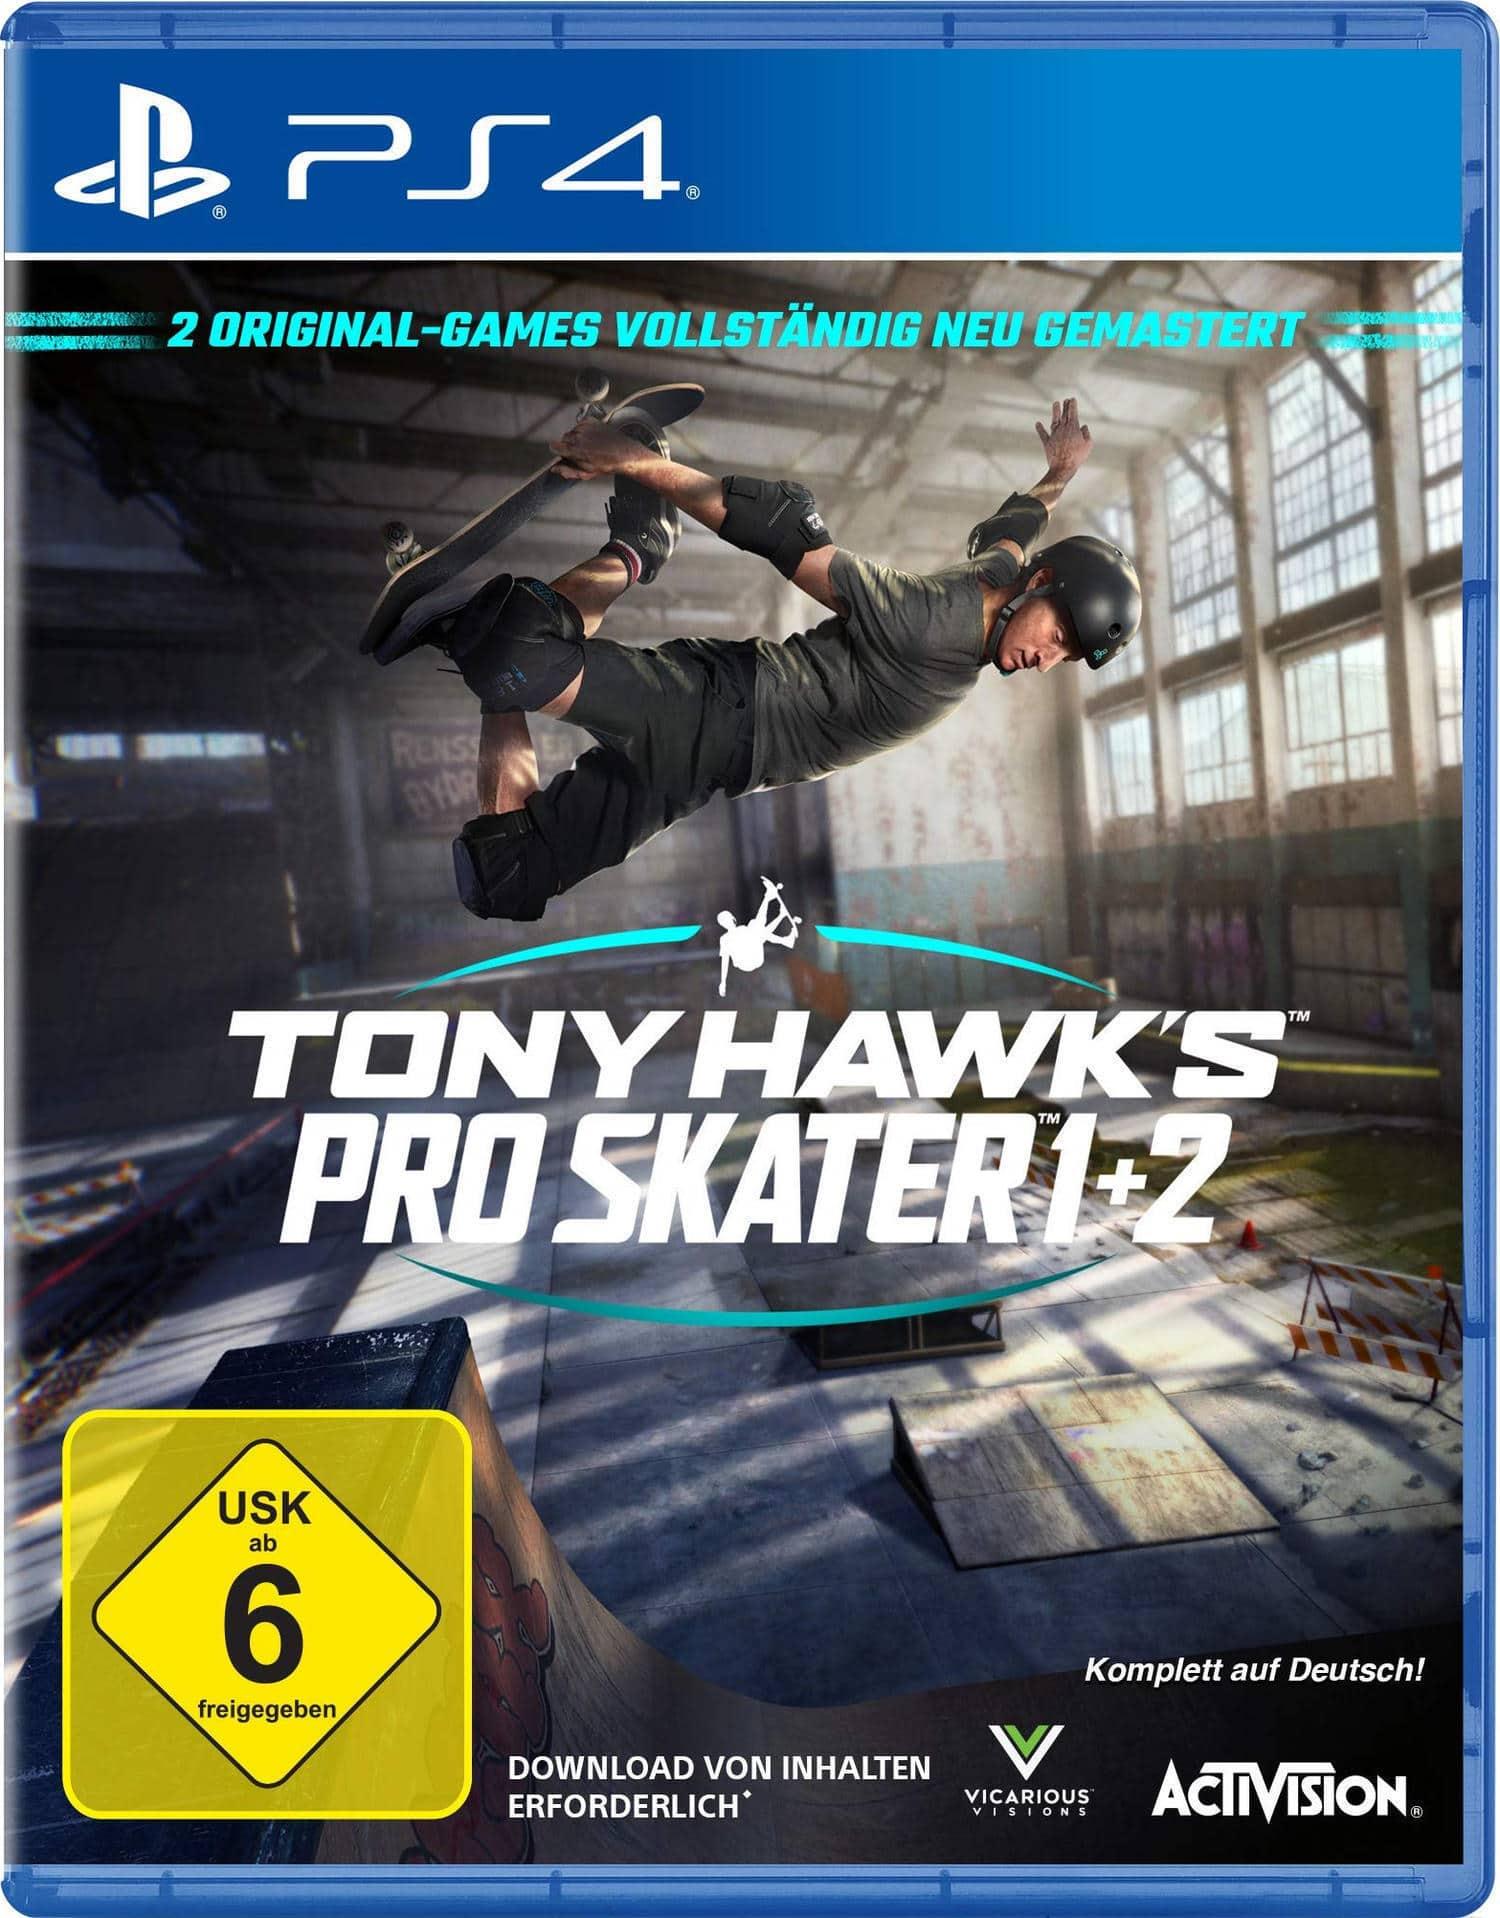 Tony Hawk's Pro Skater 1 + 2 (PlayStation 4) für 39,99 Euro